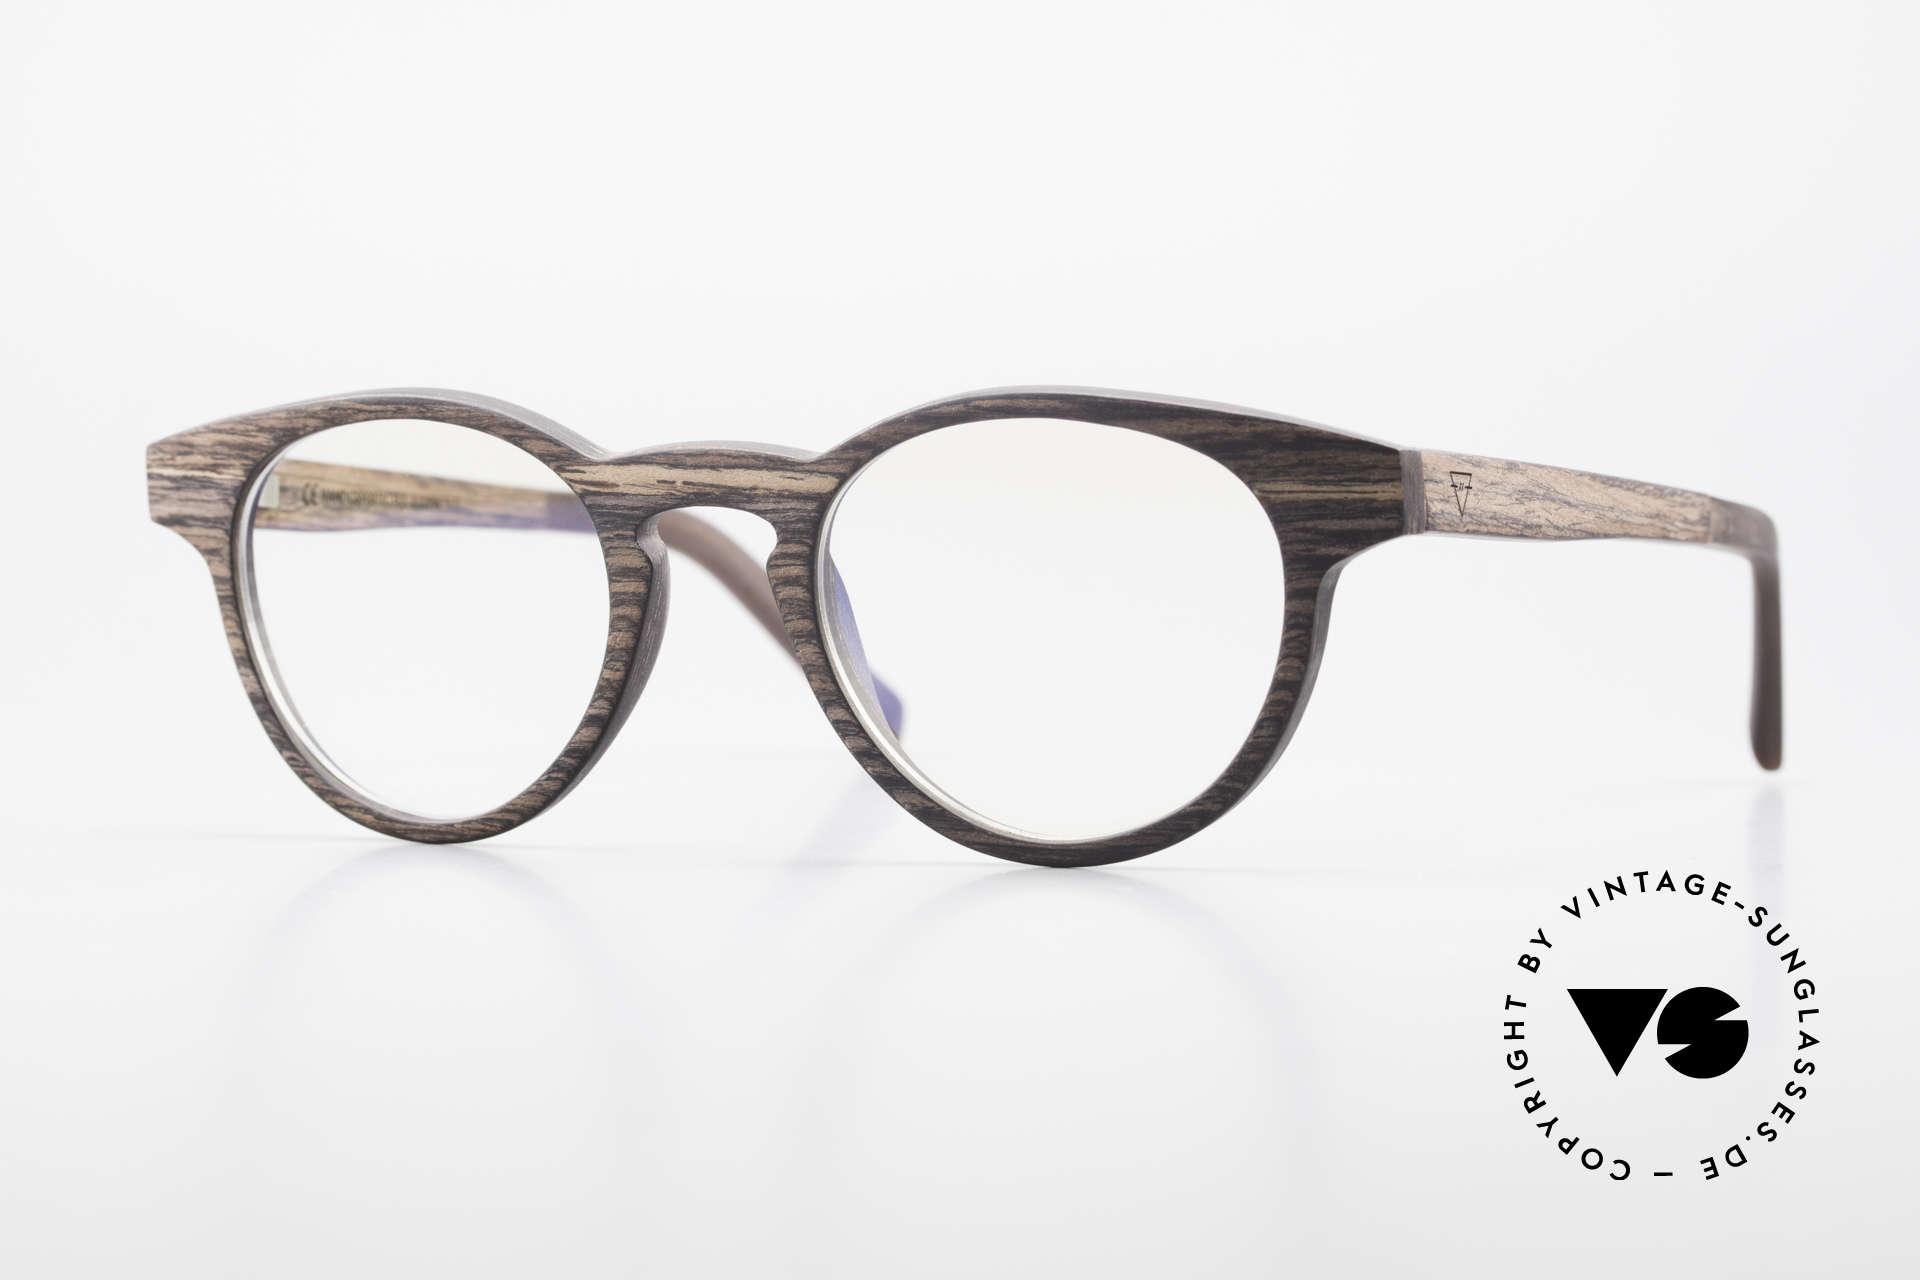 Kerbholz Friedrich Panto Holzbrille Kingwood, Echte Panto-Holzbrille von Kerbholz, made in Germany, Passend für Herren und Damen